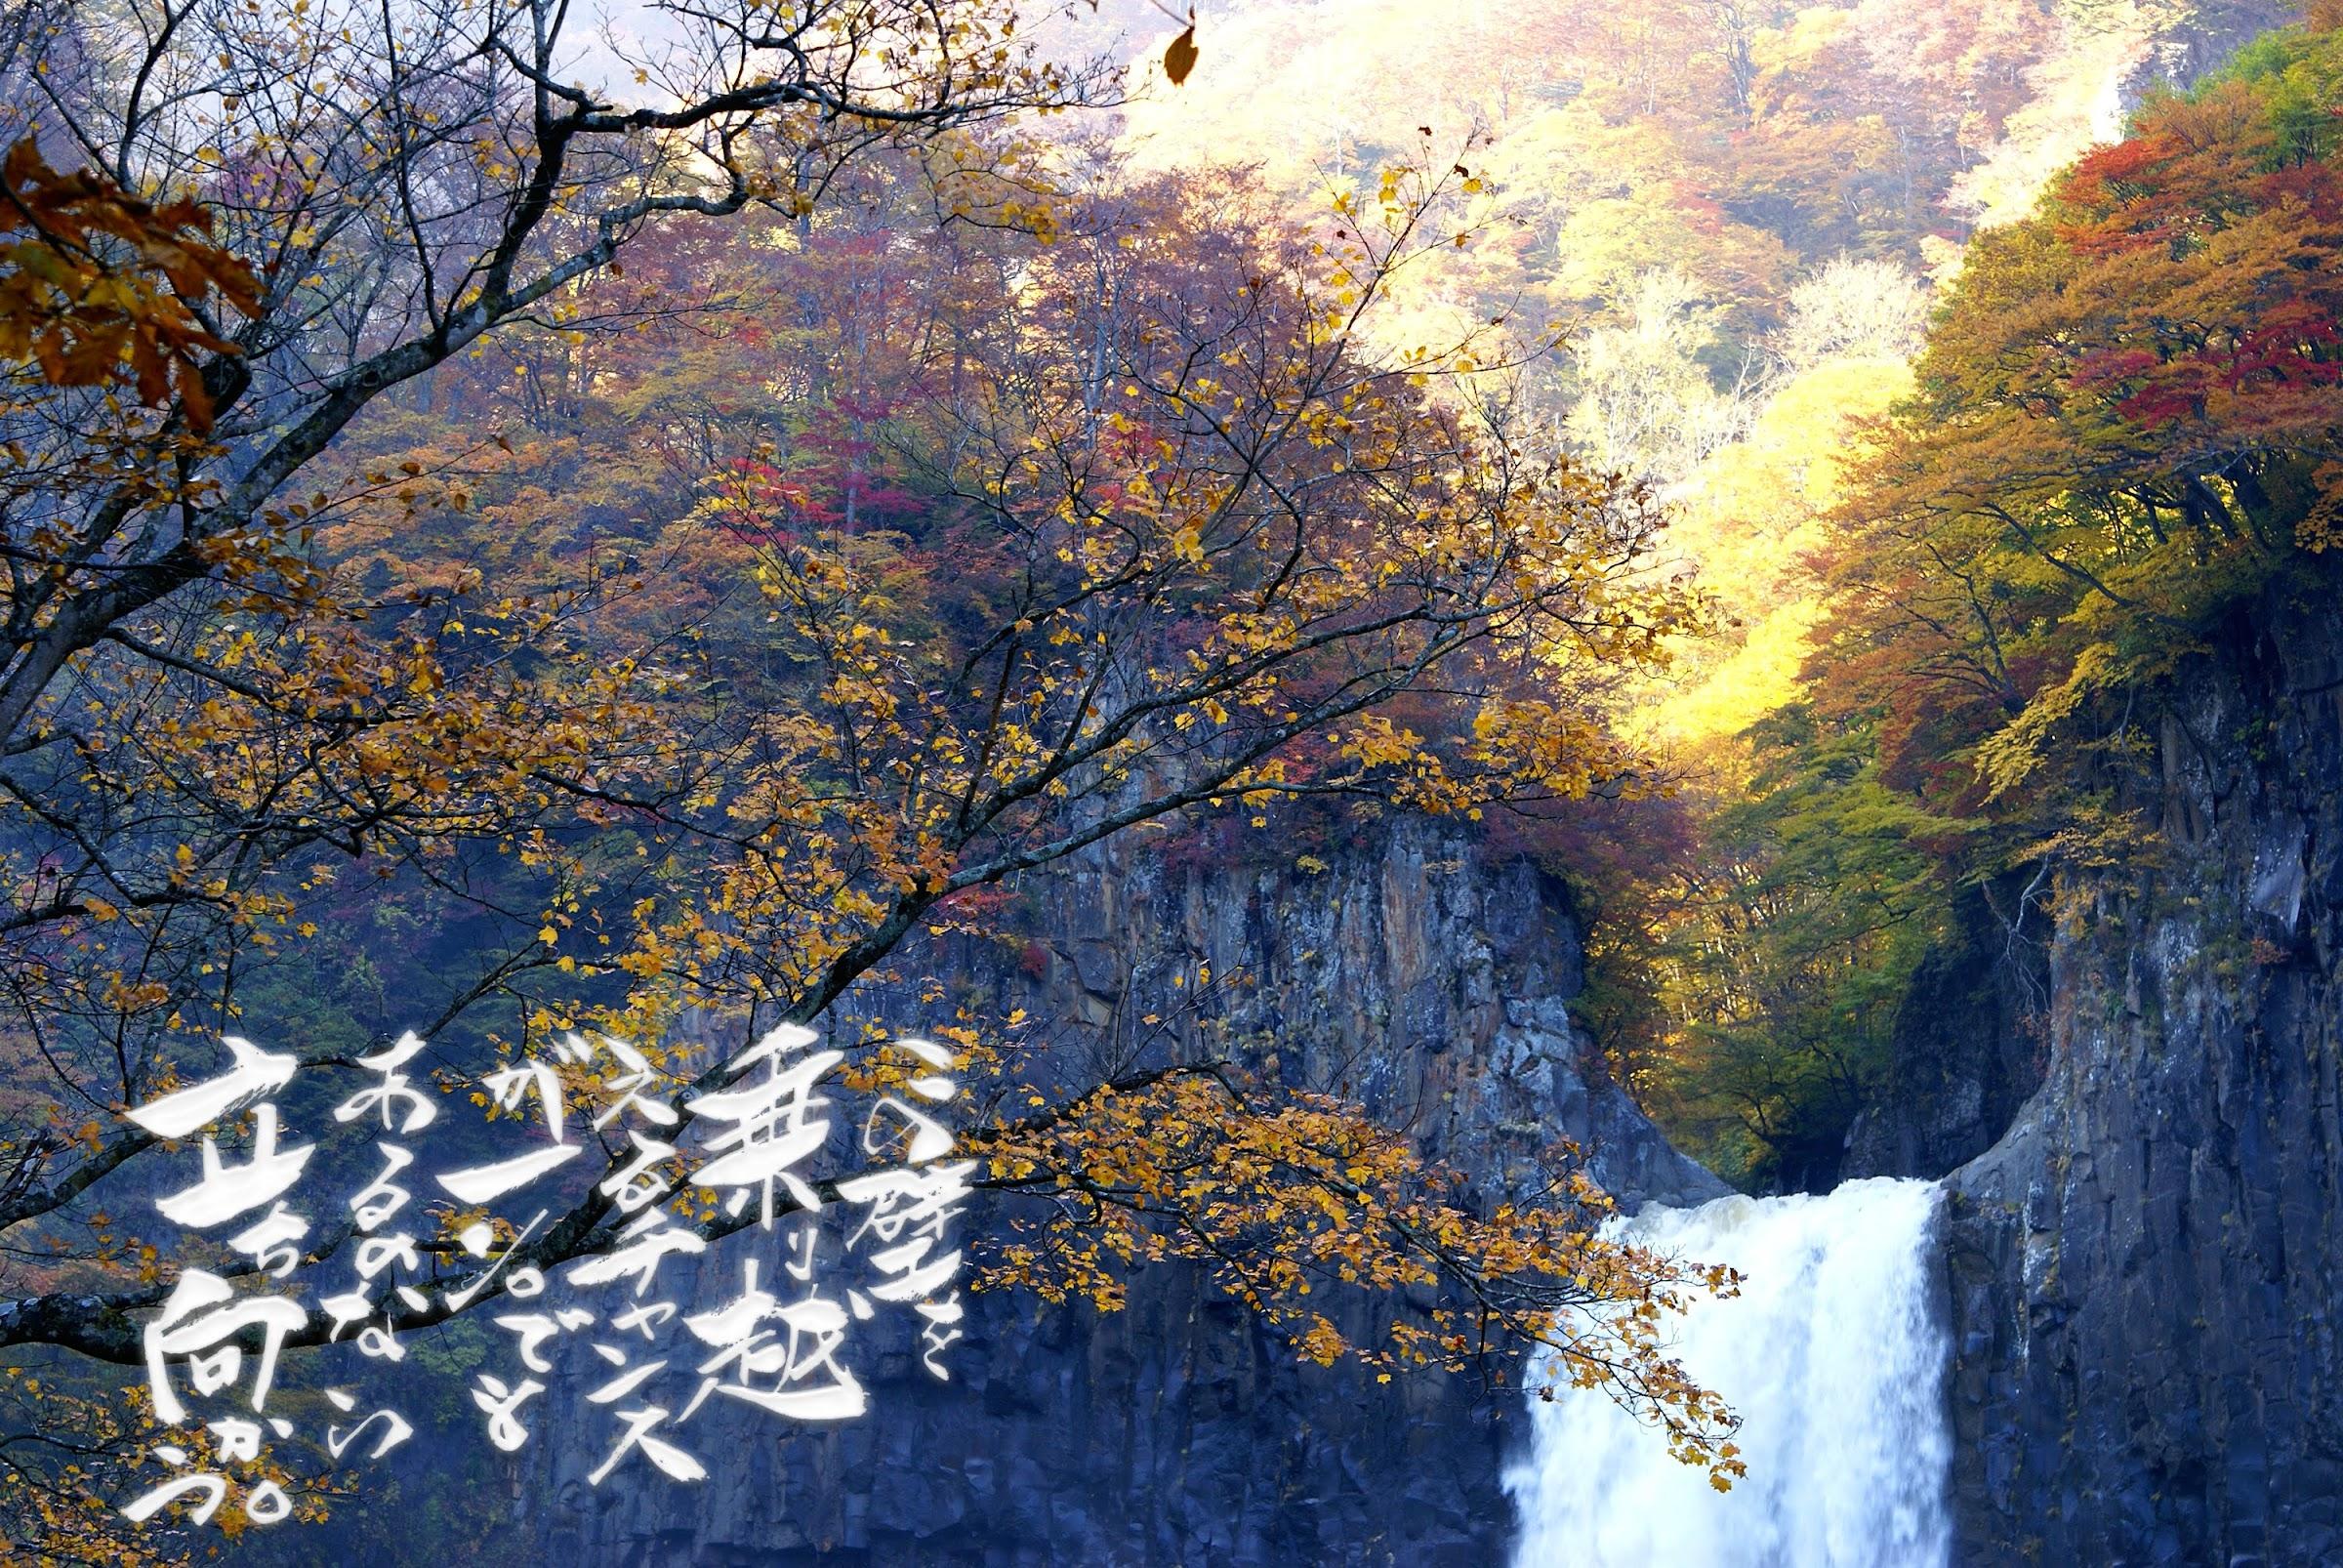 妙高02日本の滝百選「苗名滝」新潟県妙高市杉野沢1